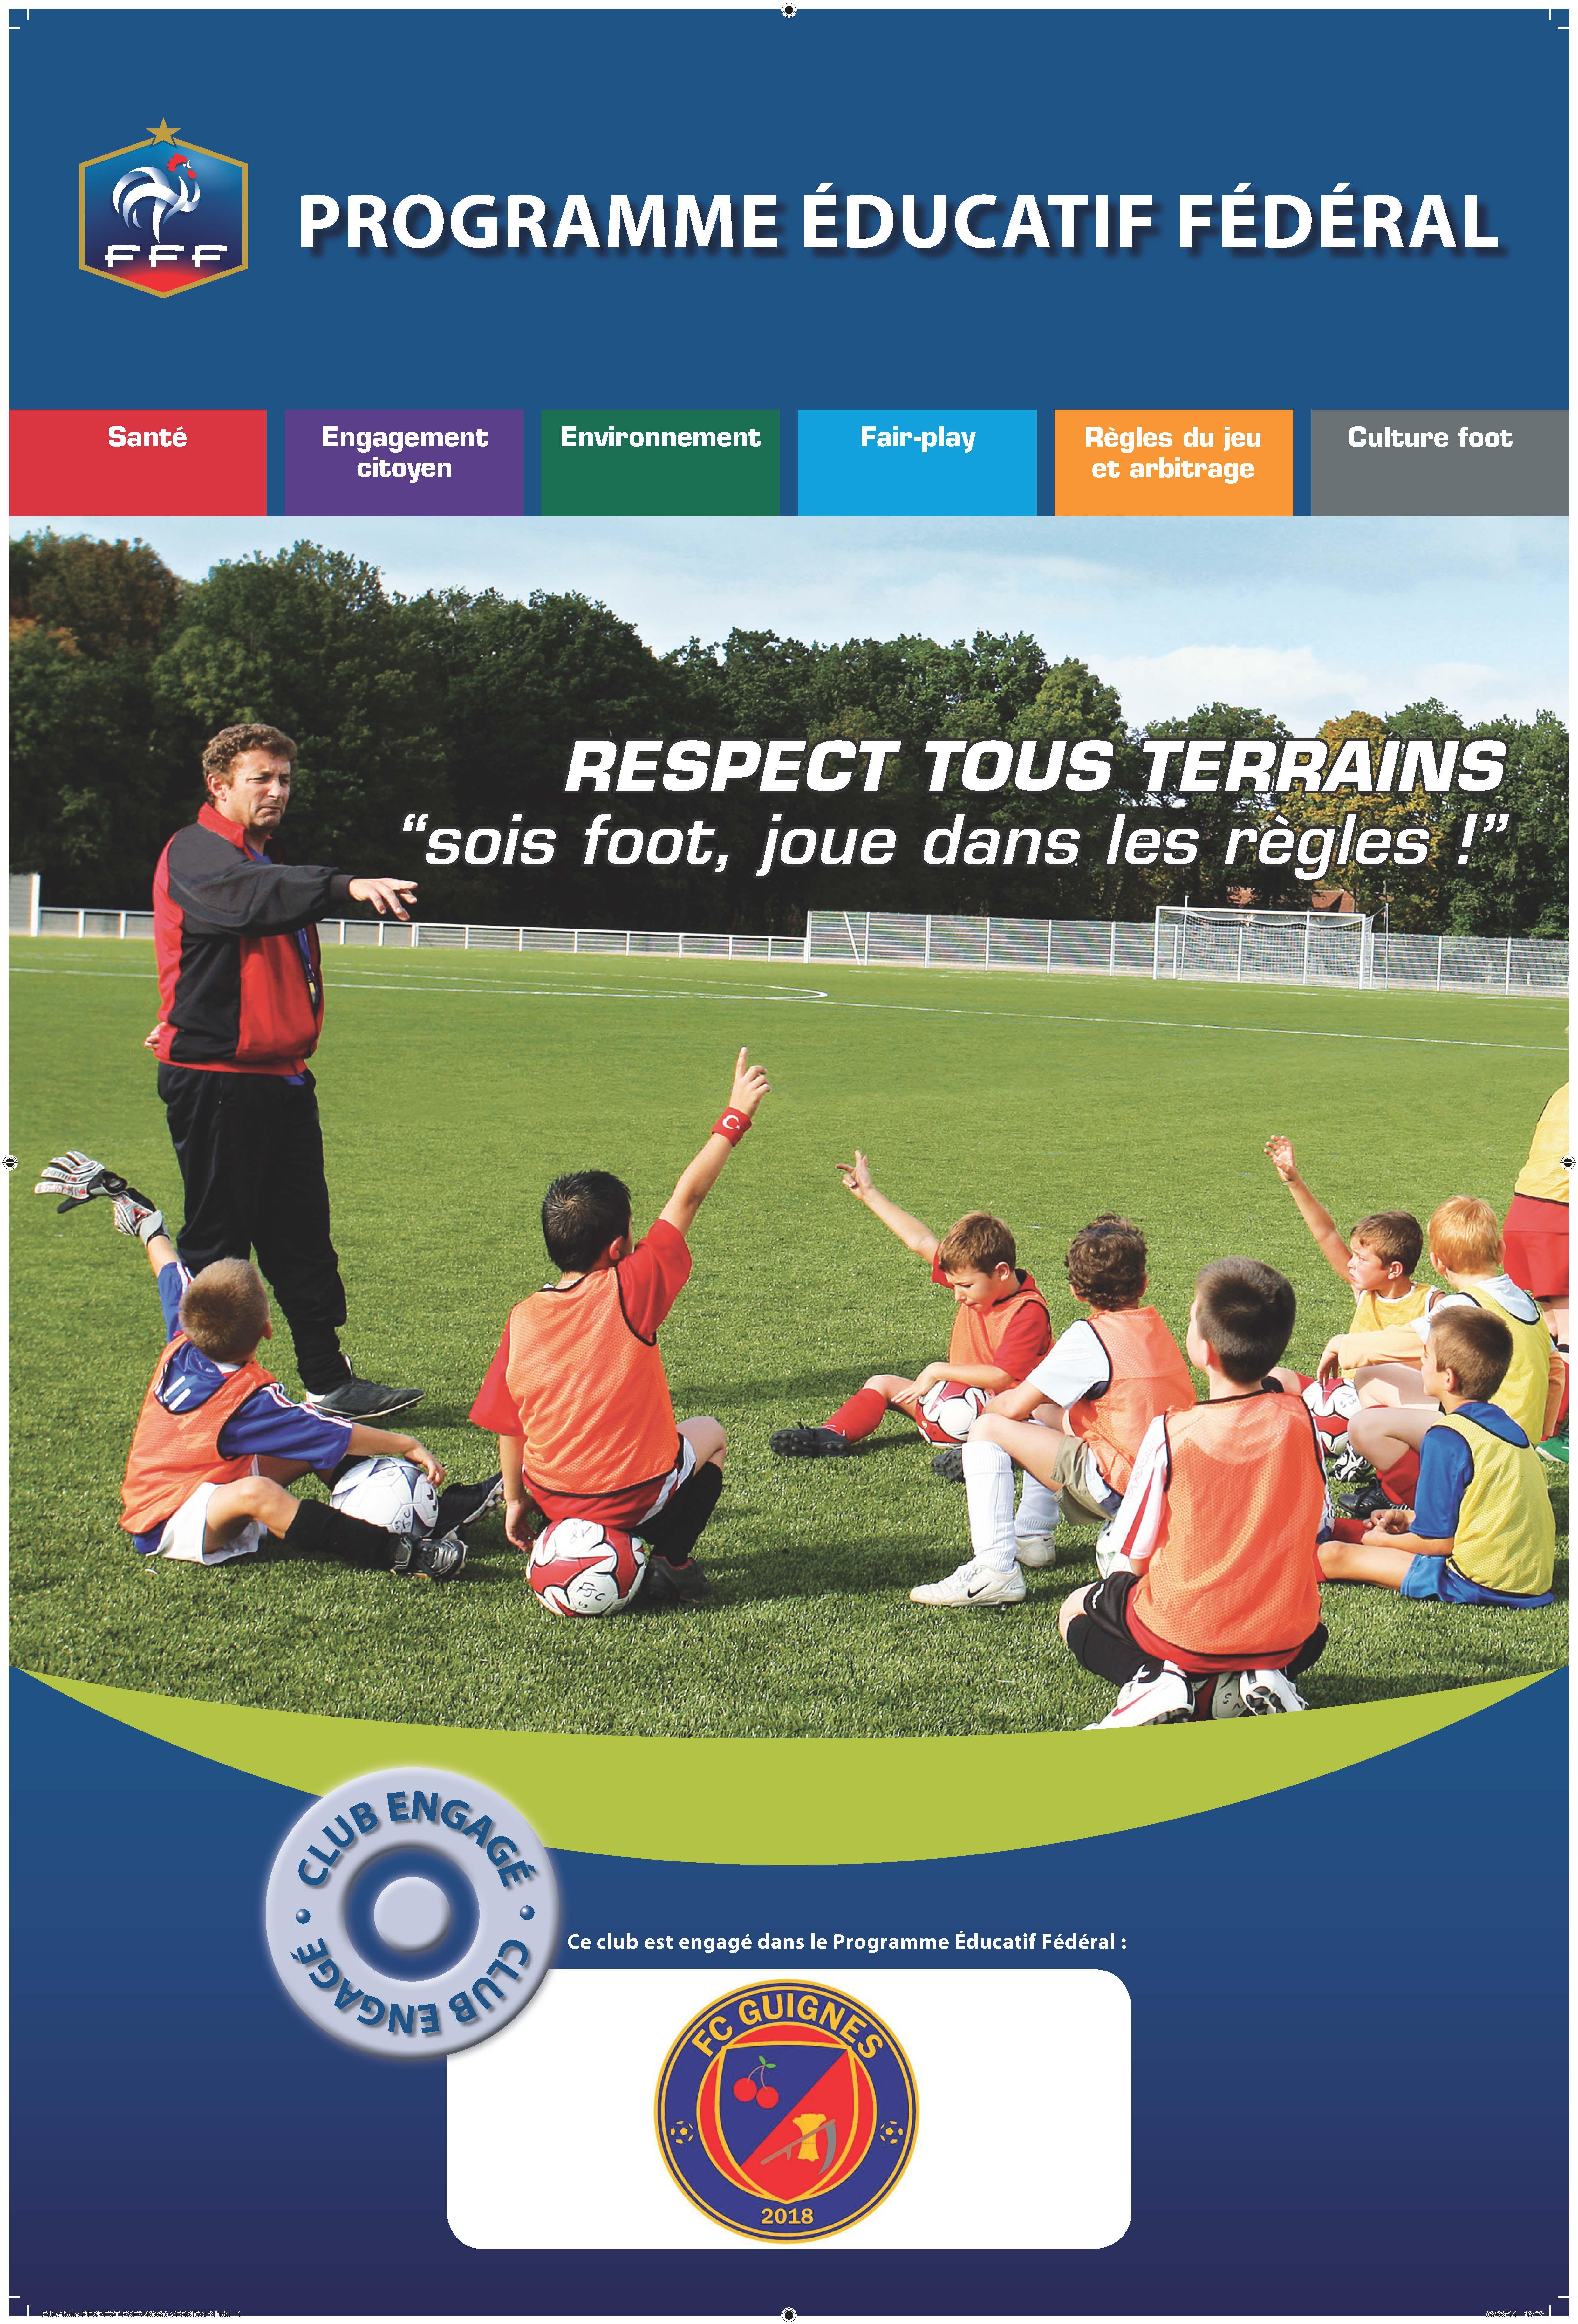 poster-fff-act-edu.jpg